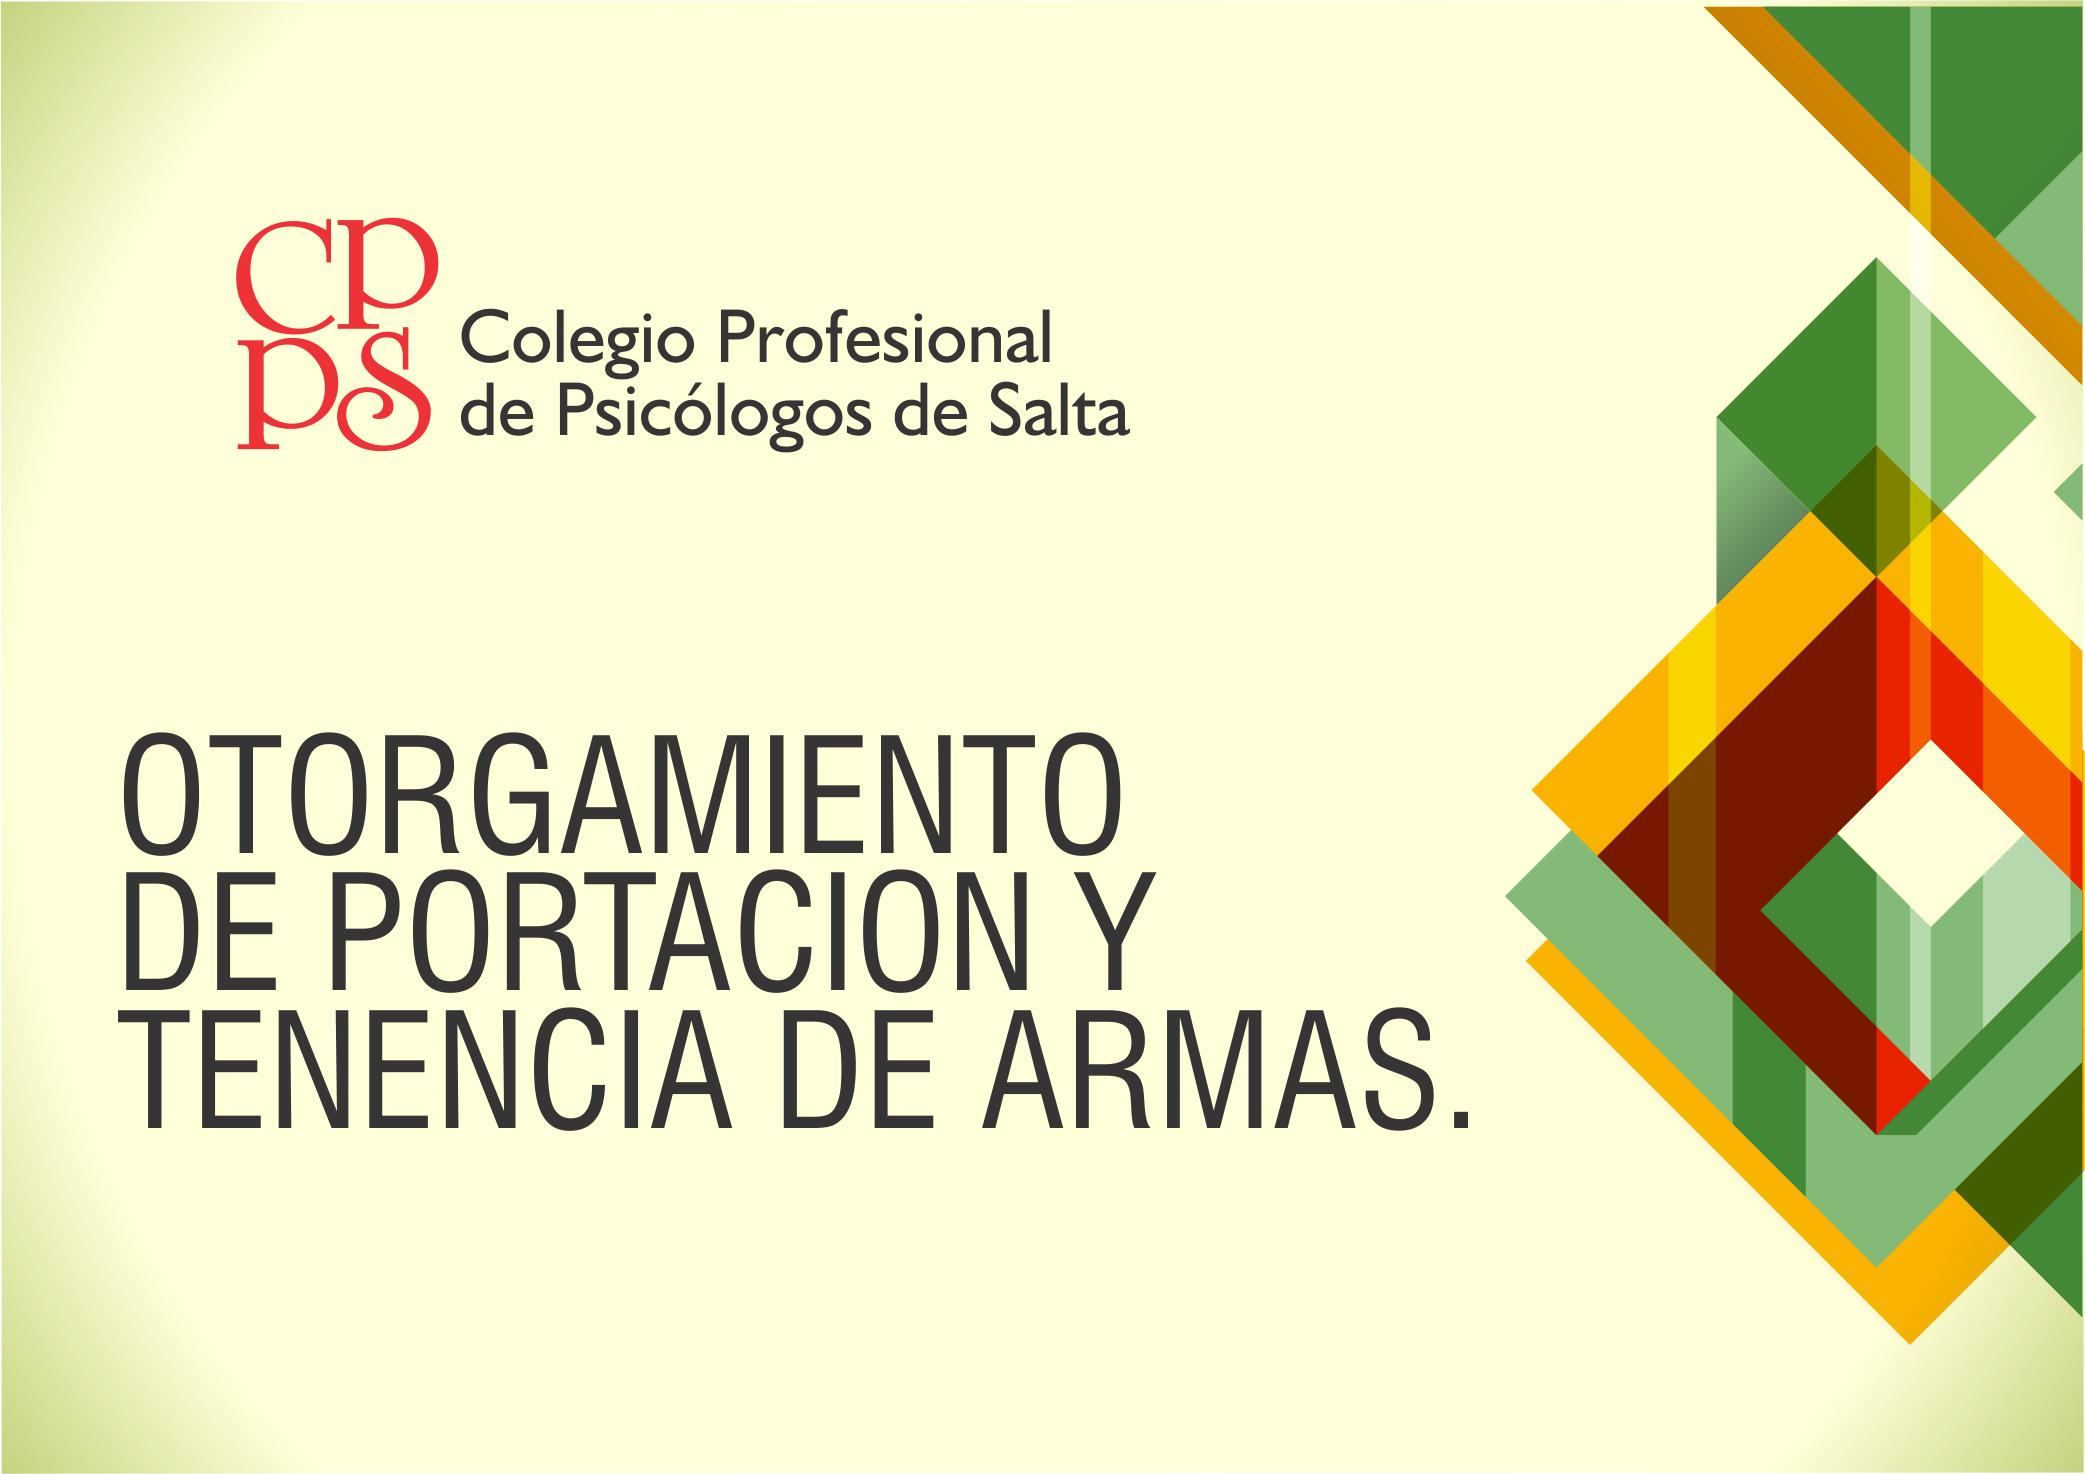 OTORGAMIENTO  DE PORTACION Y  TENENCIA DE ARMAS.